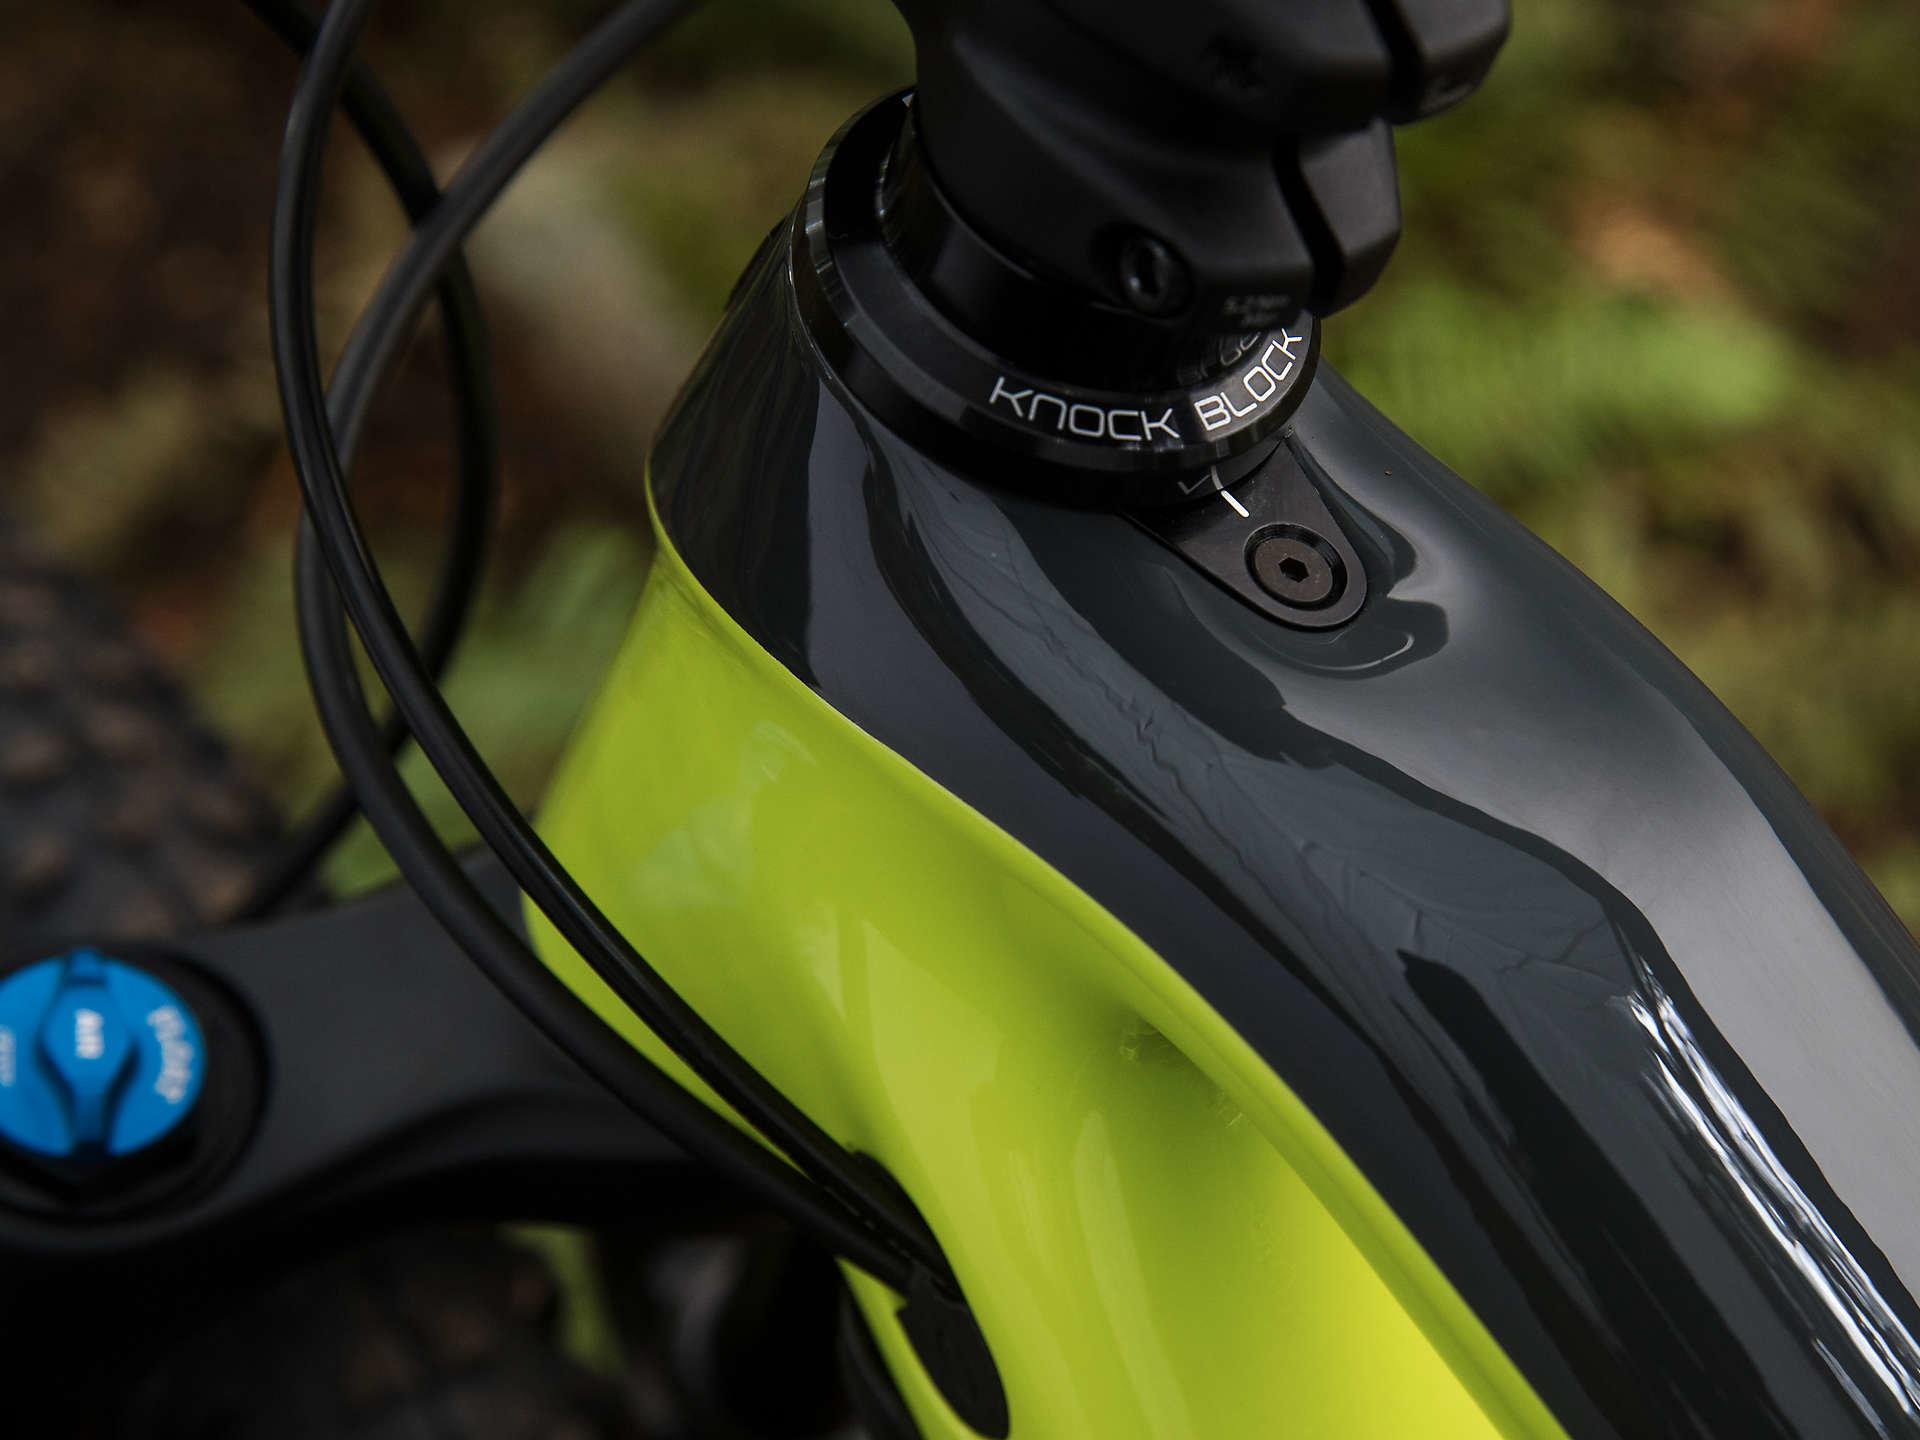 508068709e3 Trek Fuel EX 9.7 29 - Cyclova XC Saint Croix Falls, WI 715-483-3278